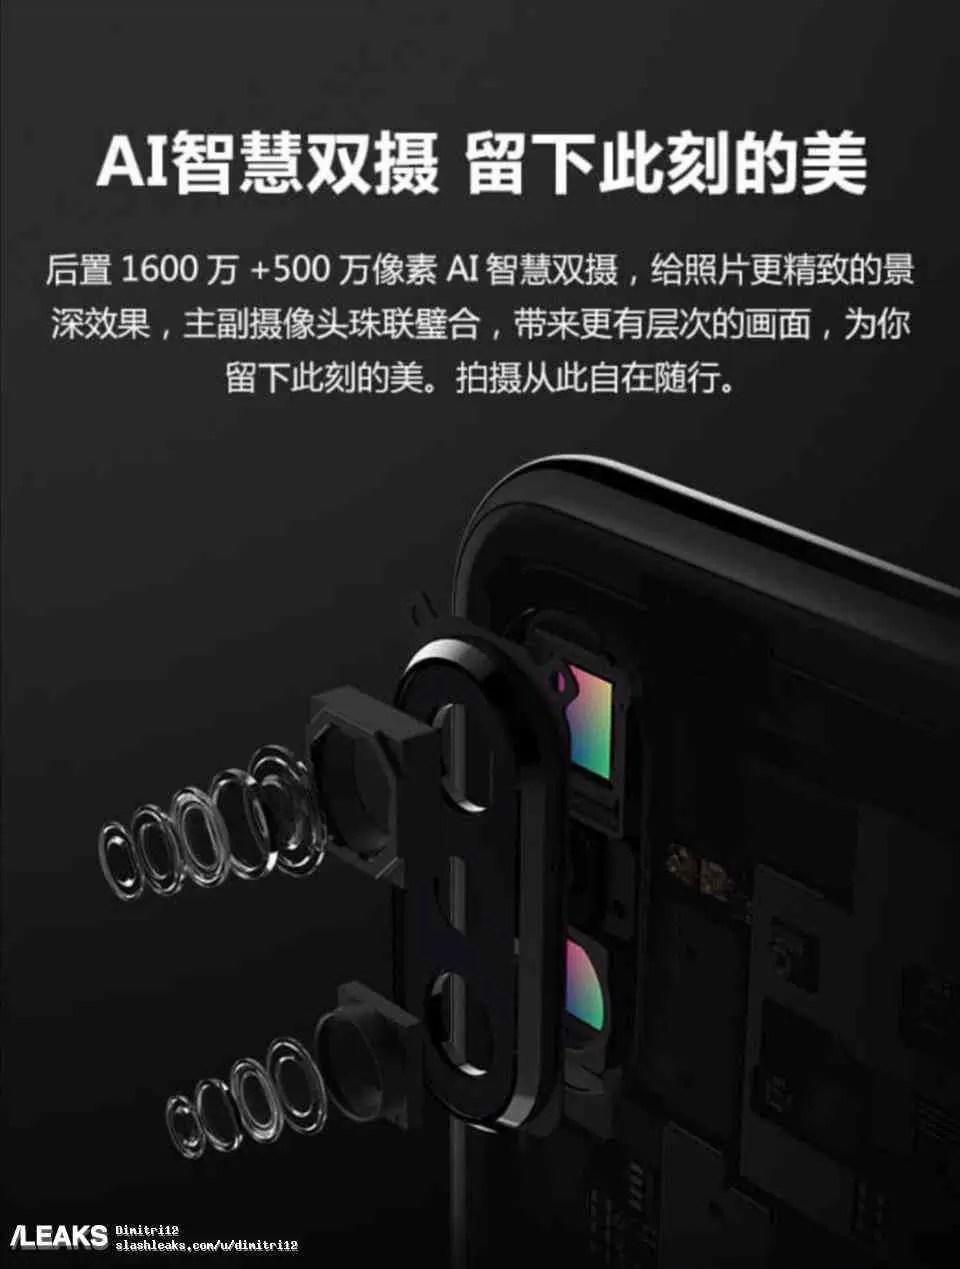 Motorola P30 revelado com especificações no site oficial na China 15